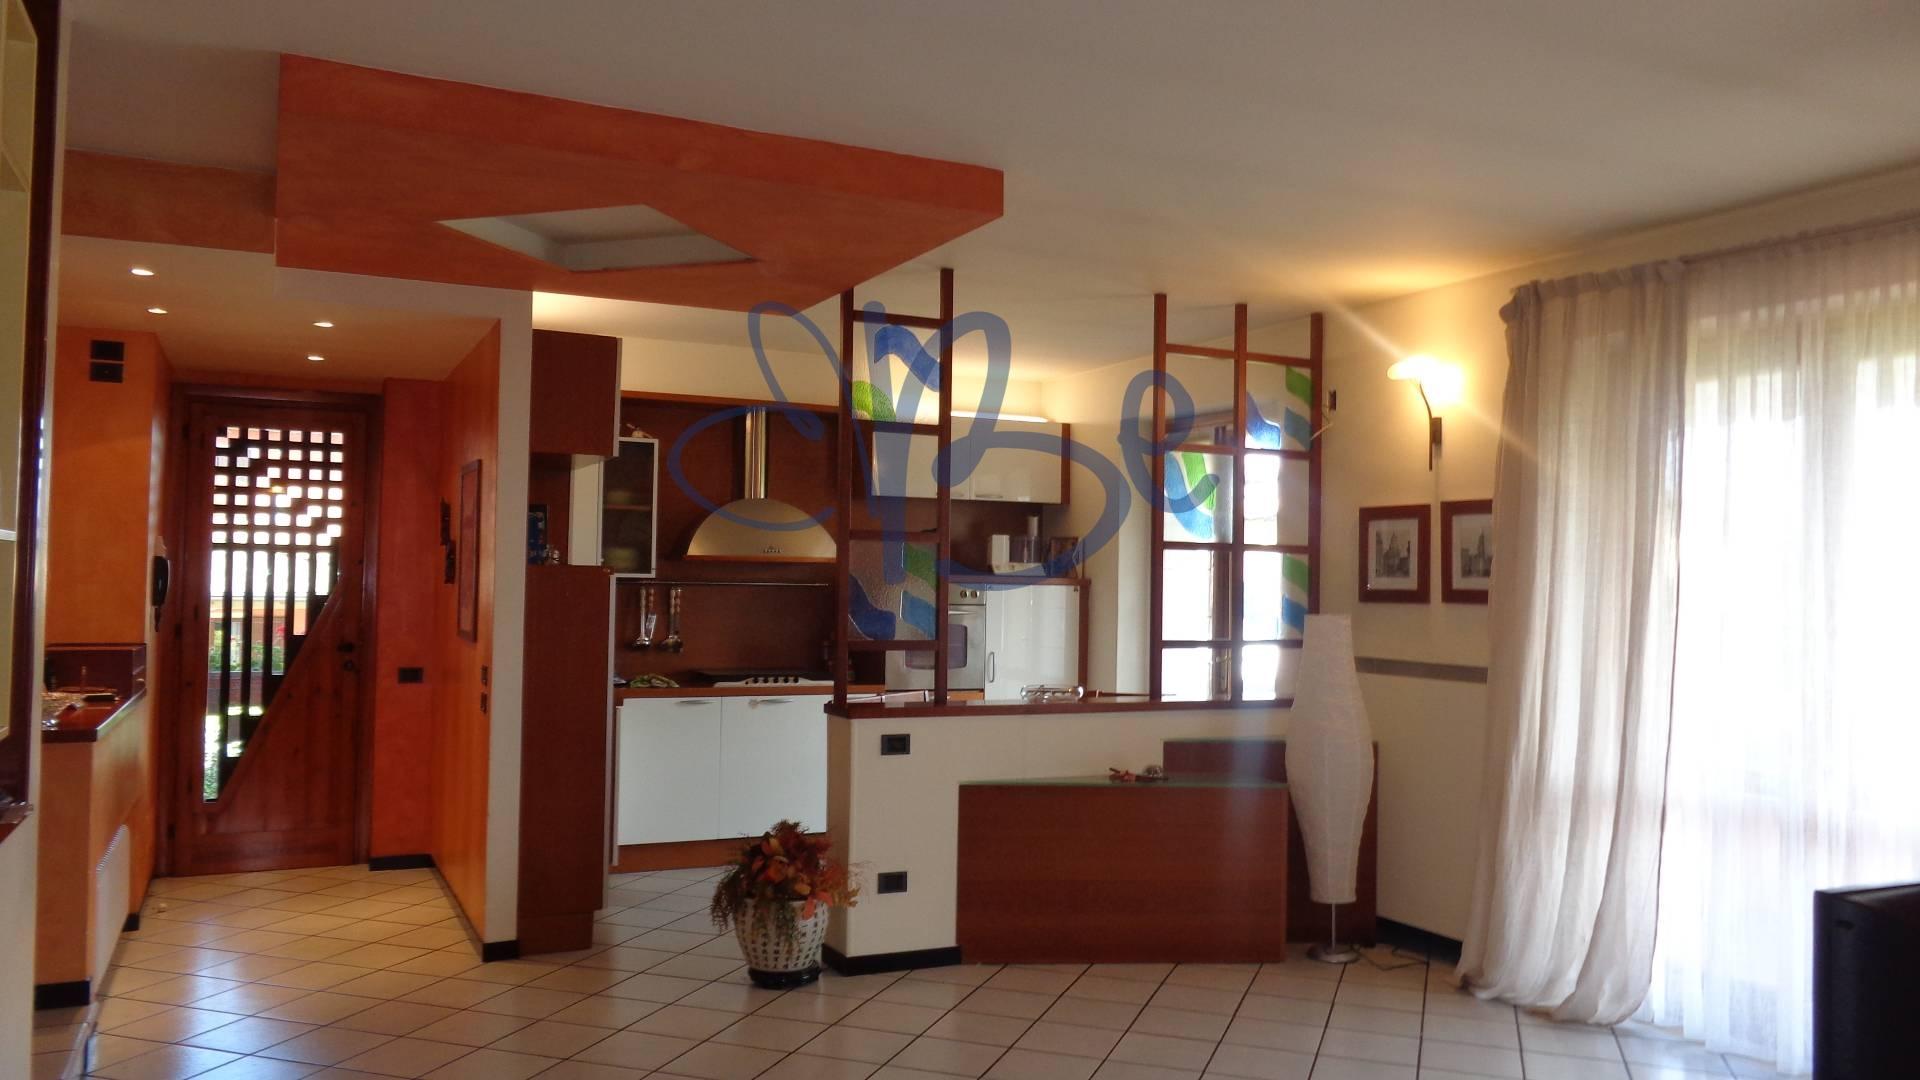 Soluzione Indipendente in vendita a Puegnago sul Garda, 6 locali, prezzo € 340.000   Cambio Casa.it